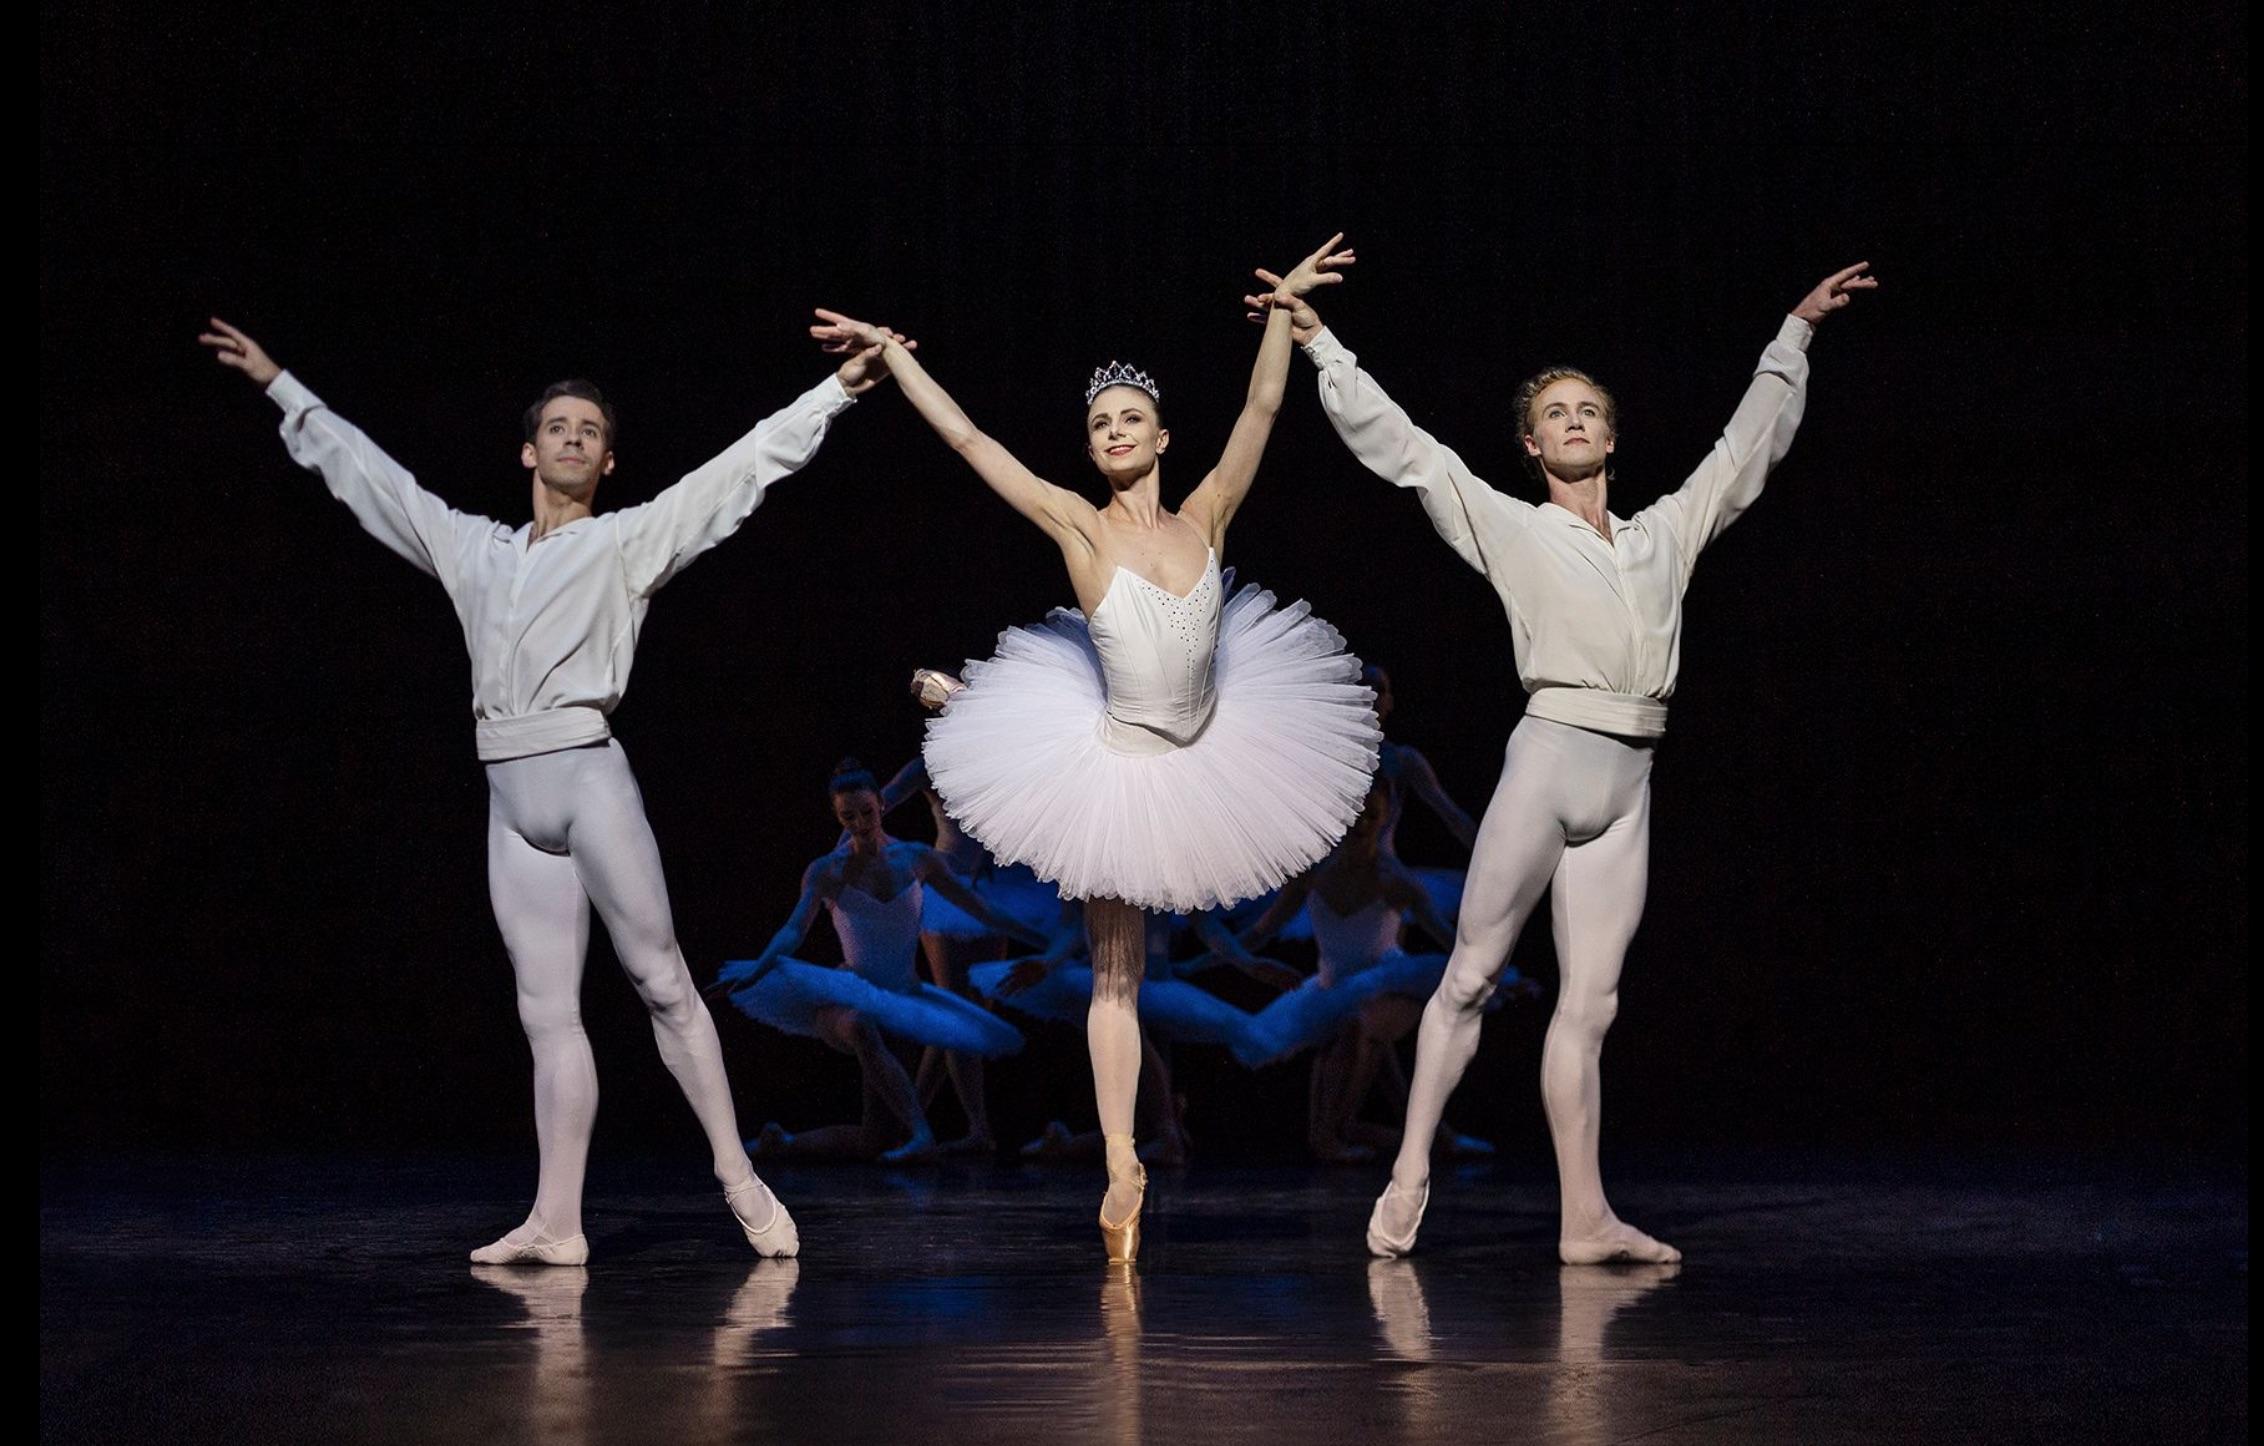 Jón Axel Fransson, Alexander Meinertz, Den kgl. Ballet